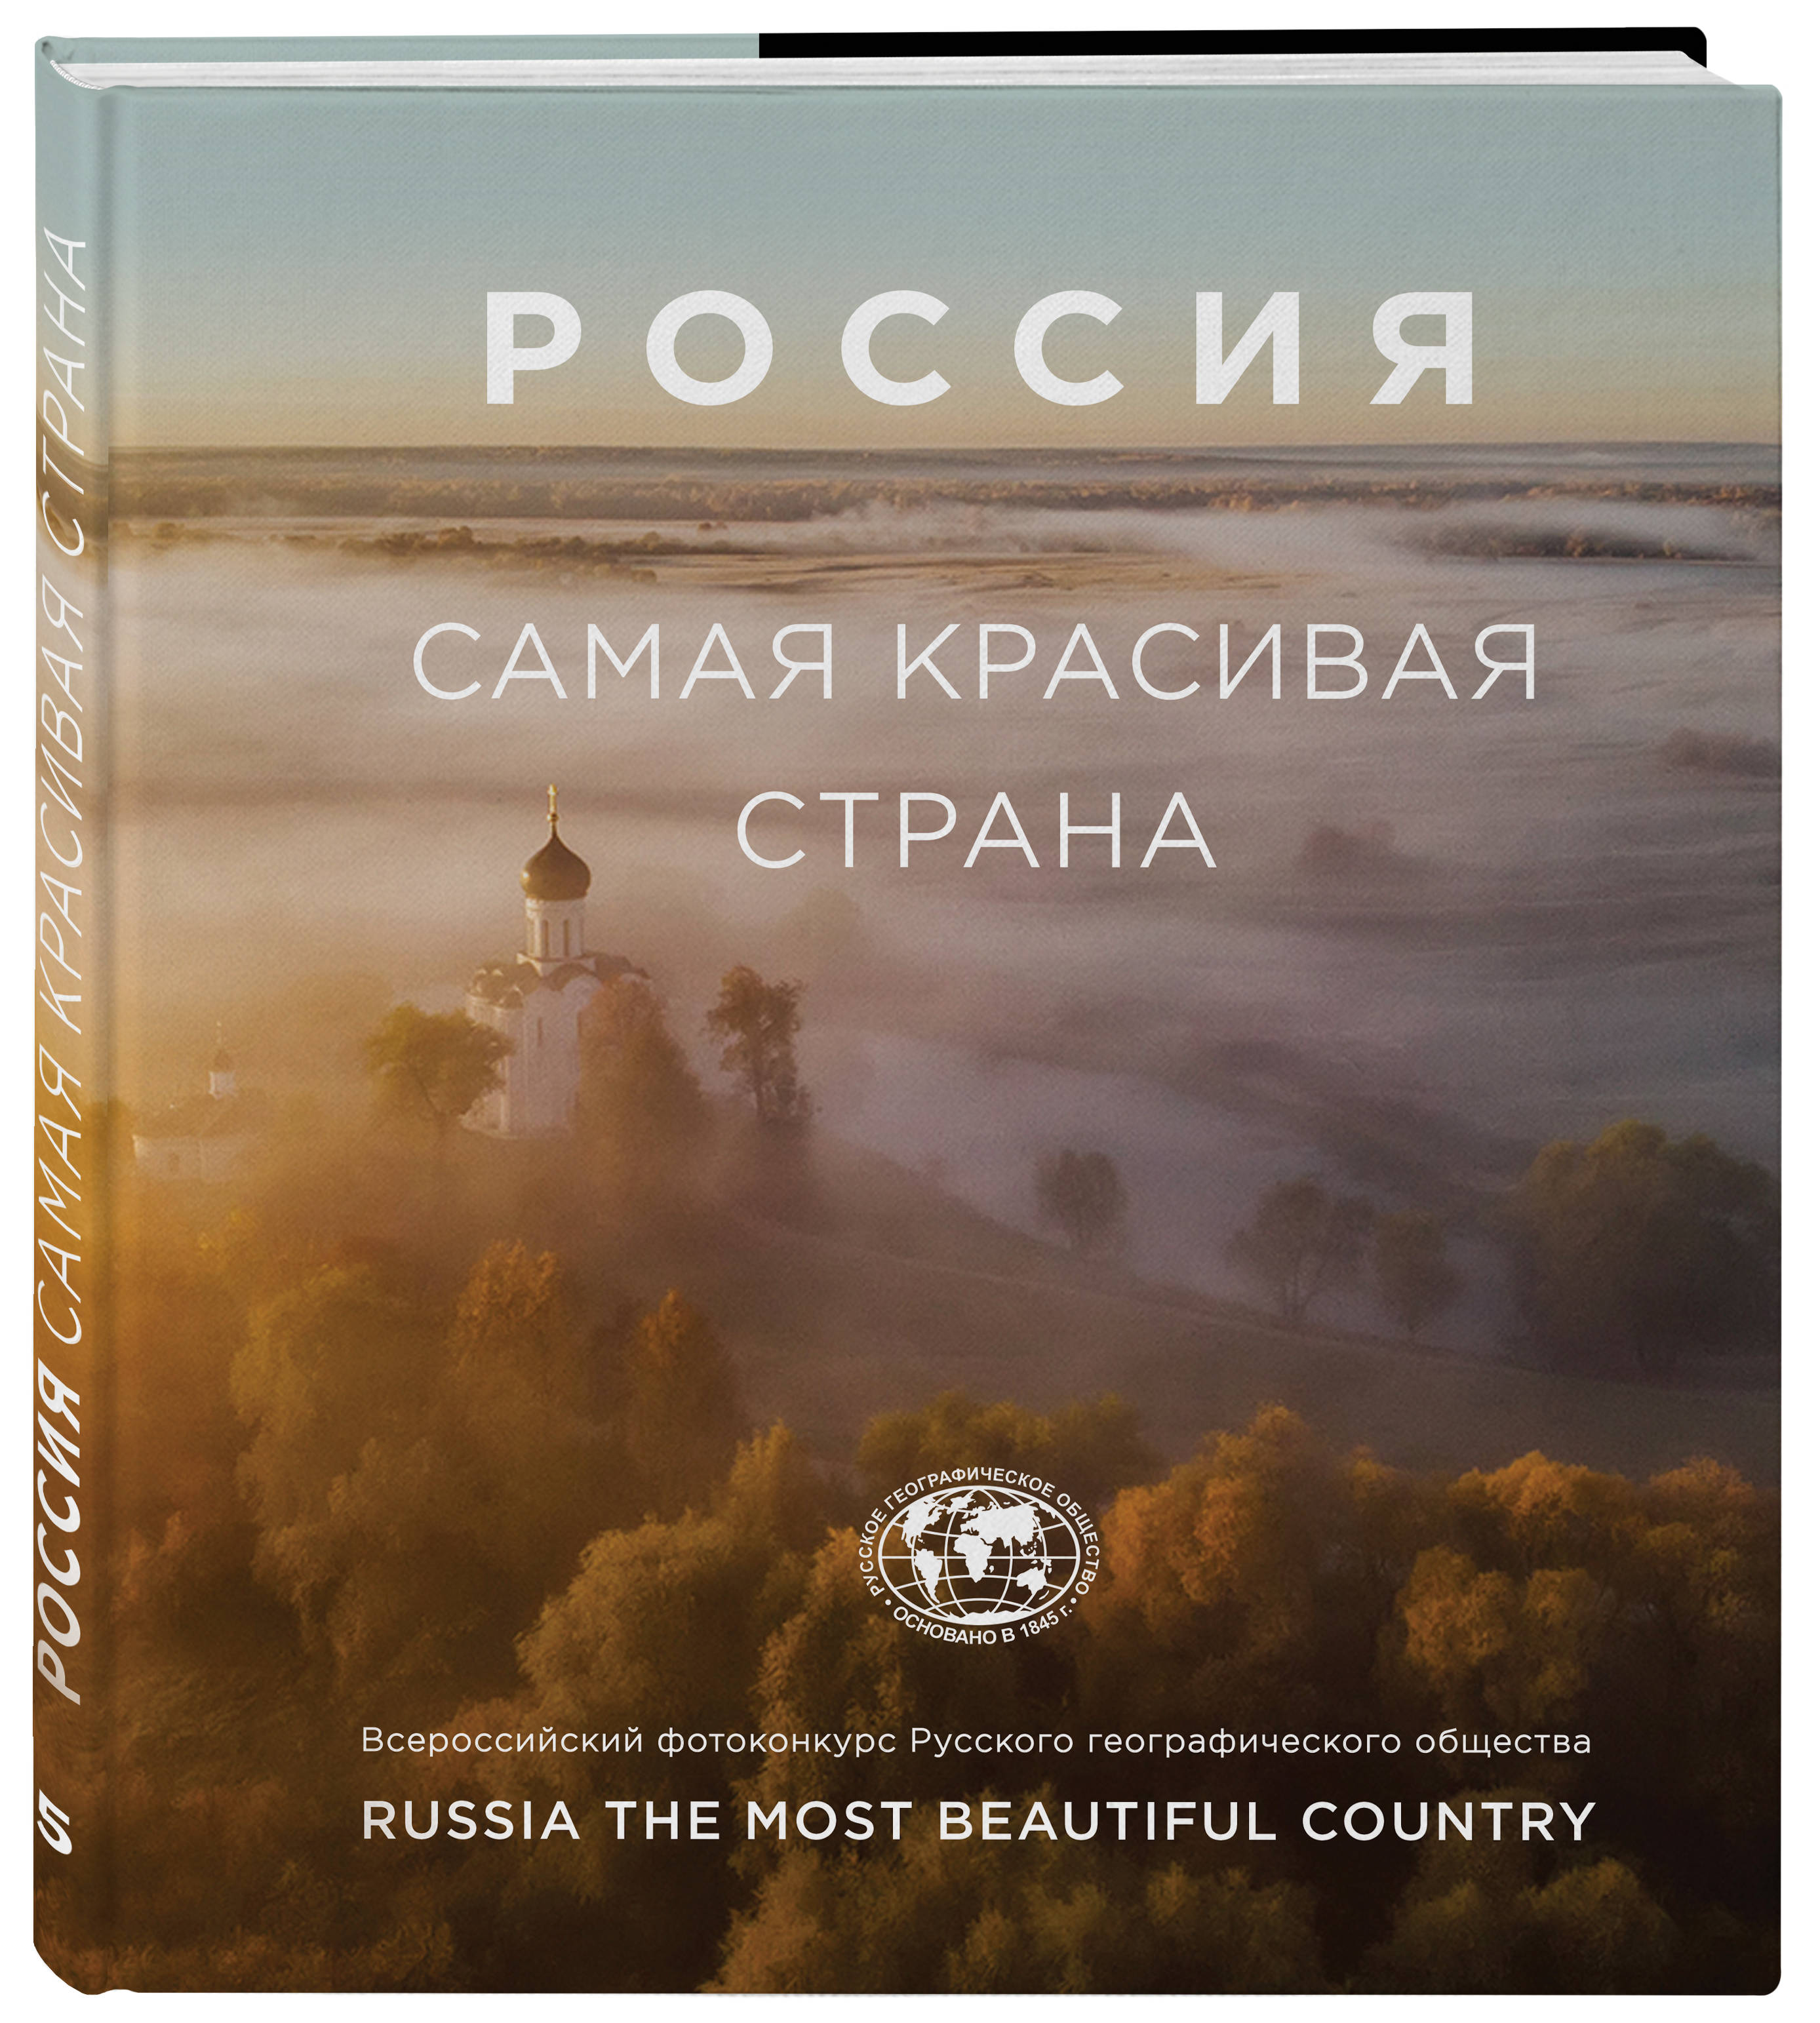 Фото - Россия самая красивая страна (фотоальбом 2) коллектив авторов конституционное право россии краткий курс